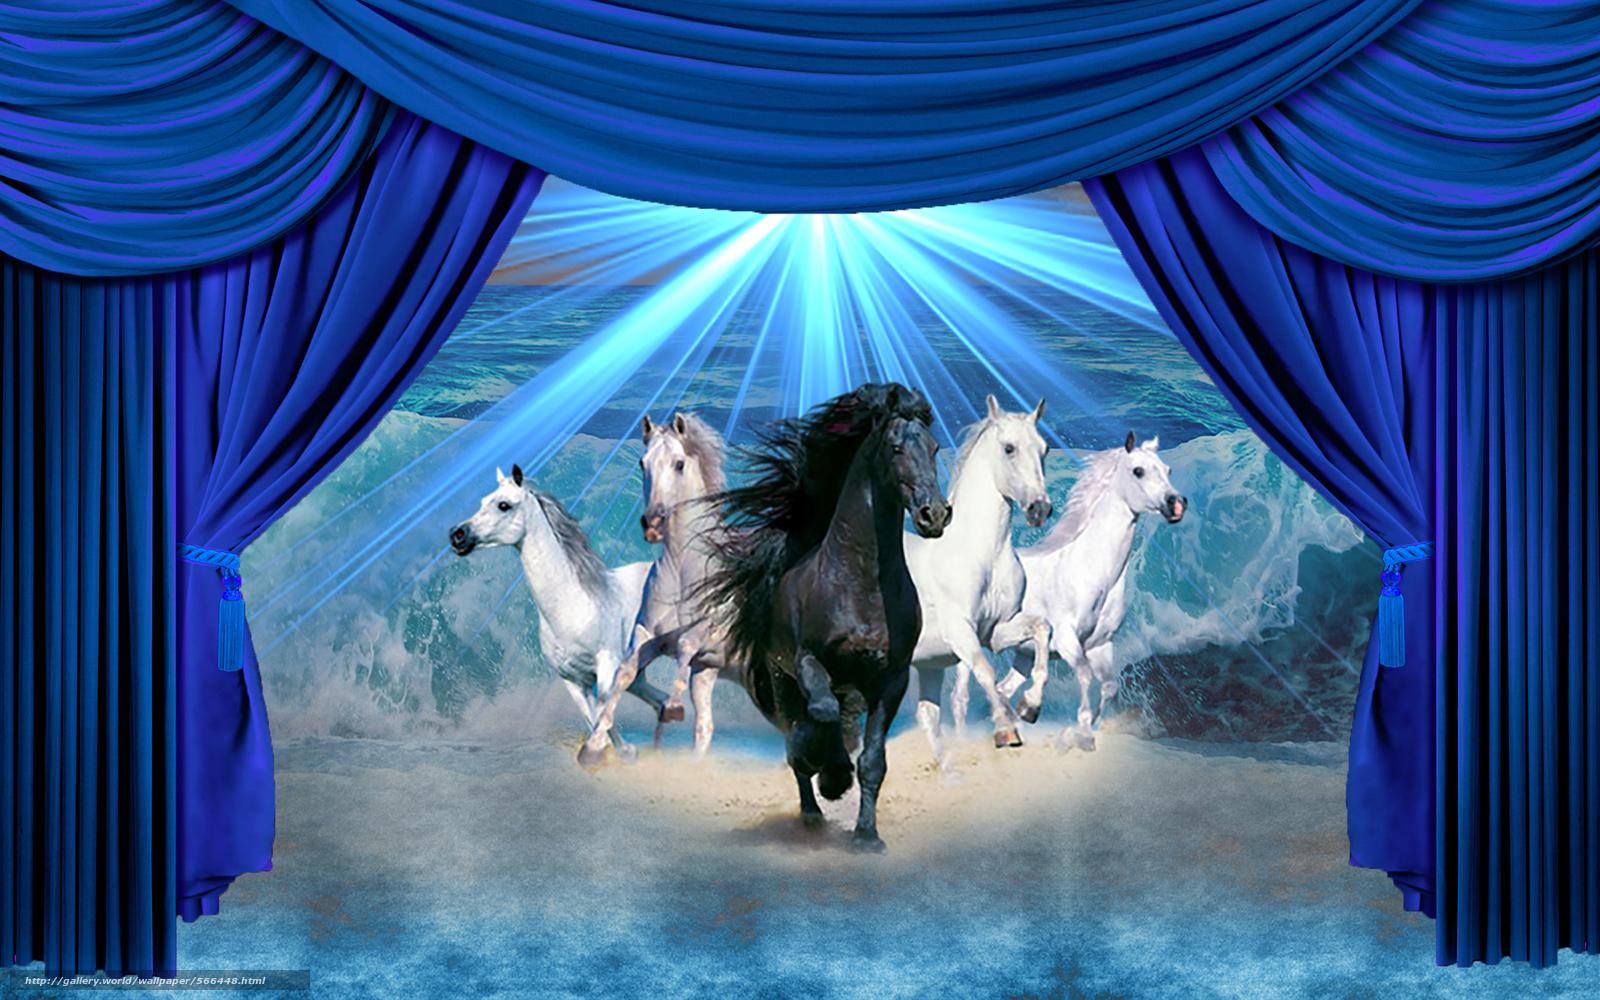 Horse Scenes Wallpaper - WallpaperSafari